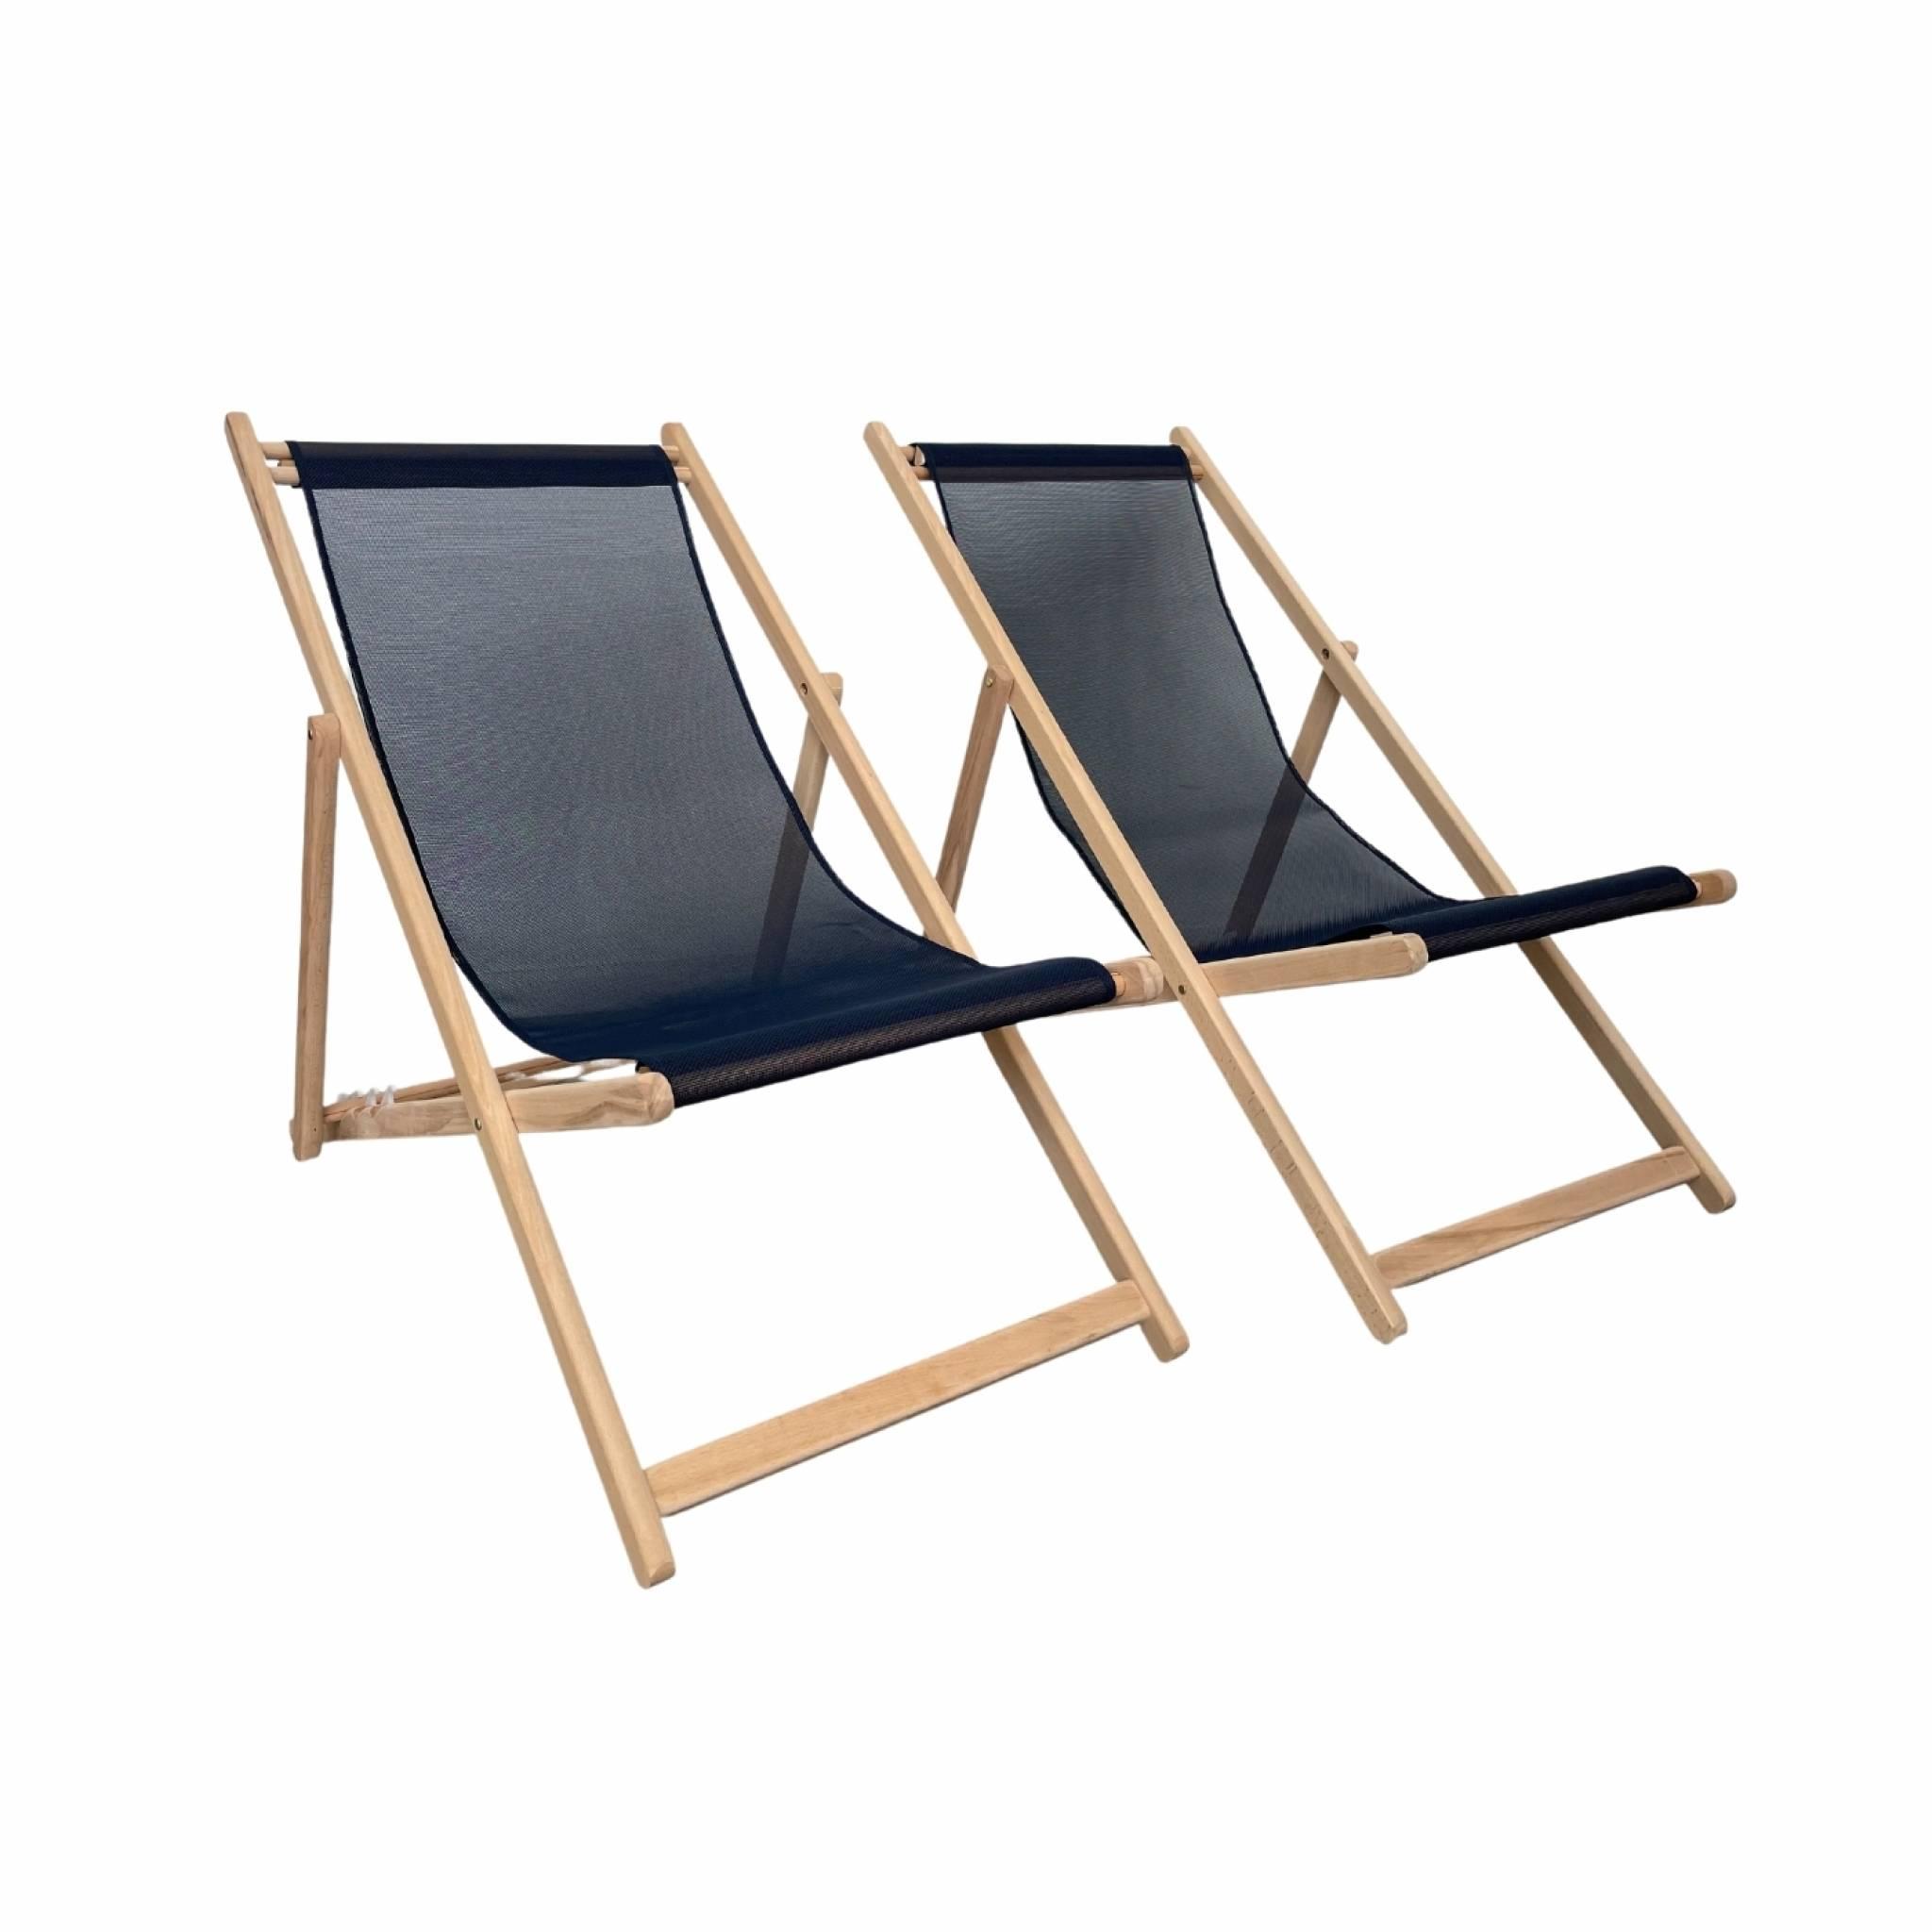 Bain de soleil en bois de hêtre et textile batyline